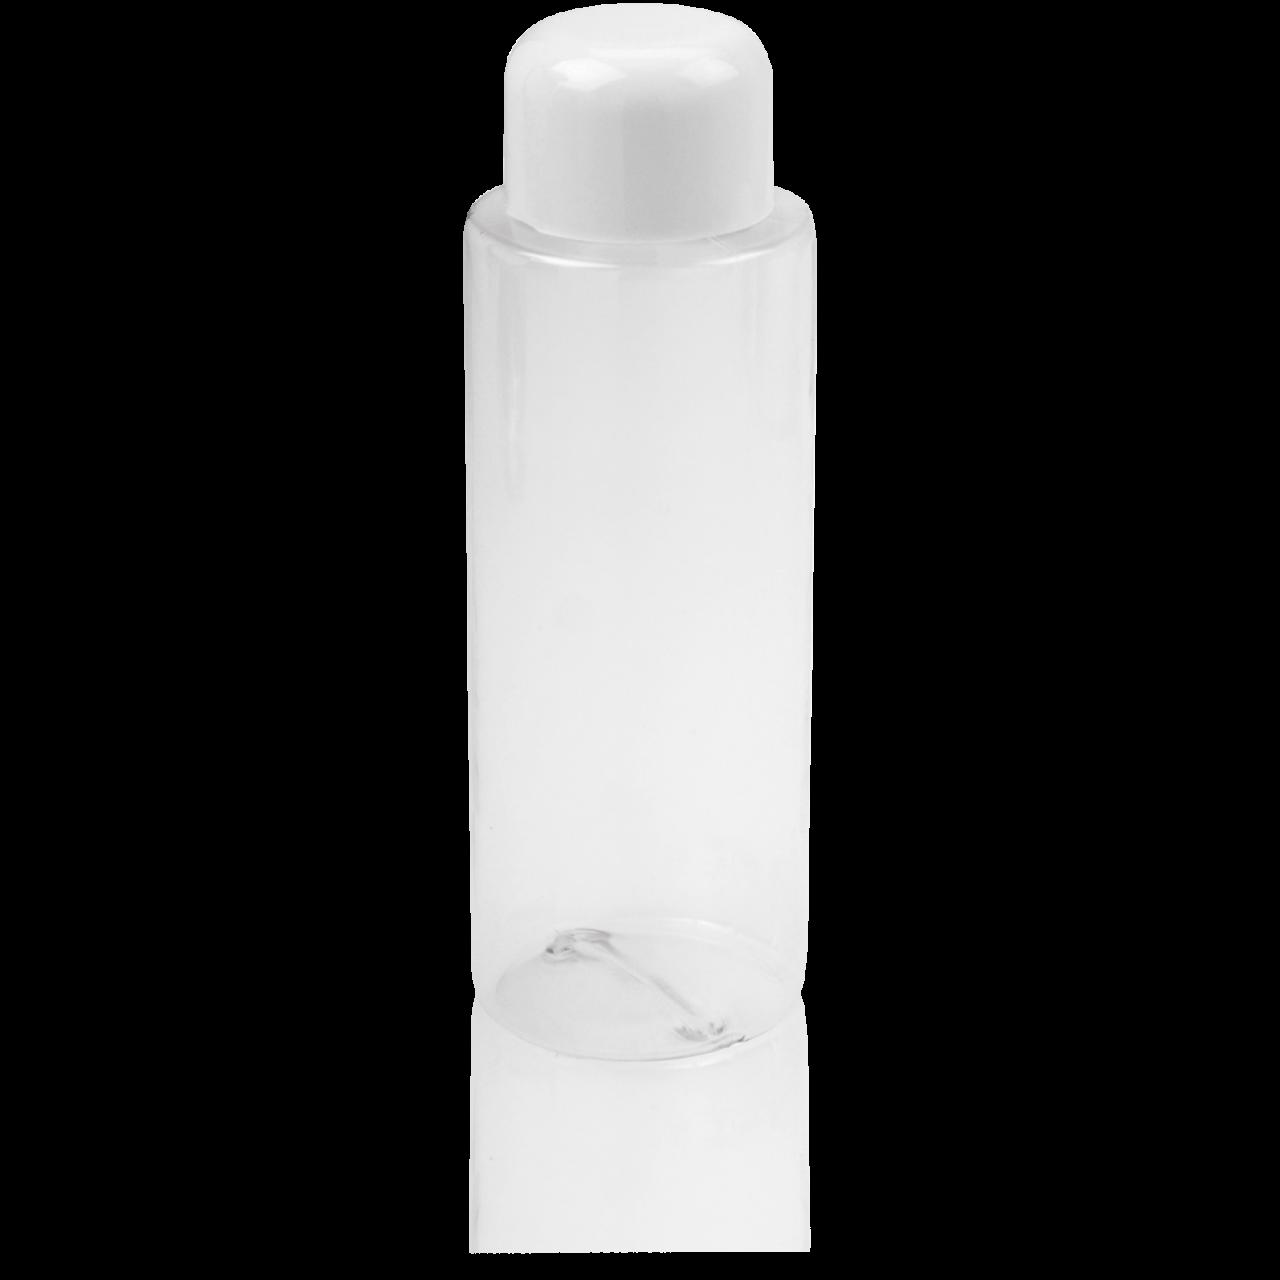 Leerflasche aus Kunststoff für 75 ml